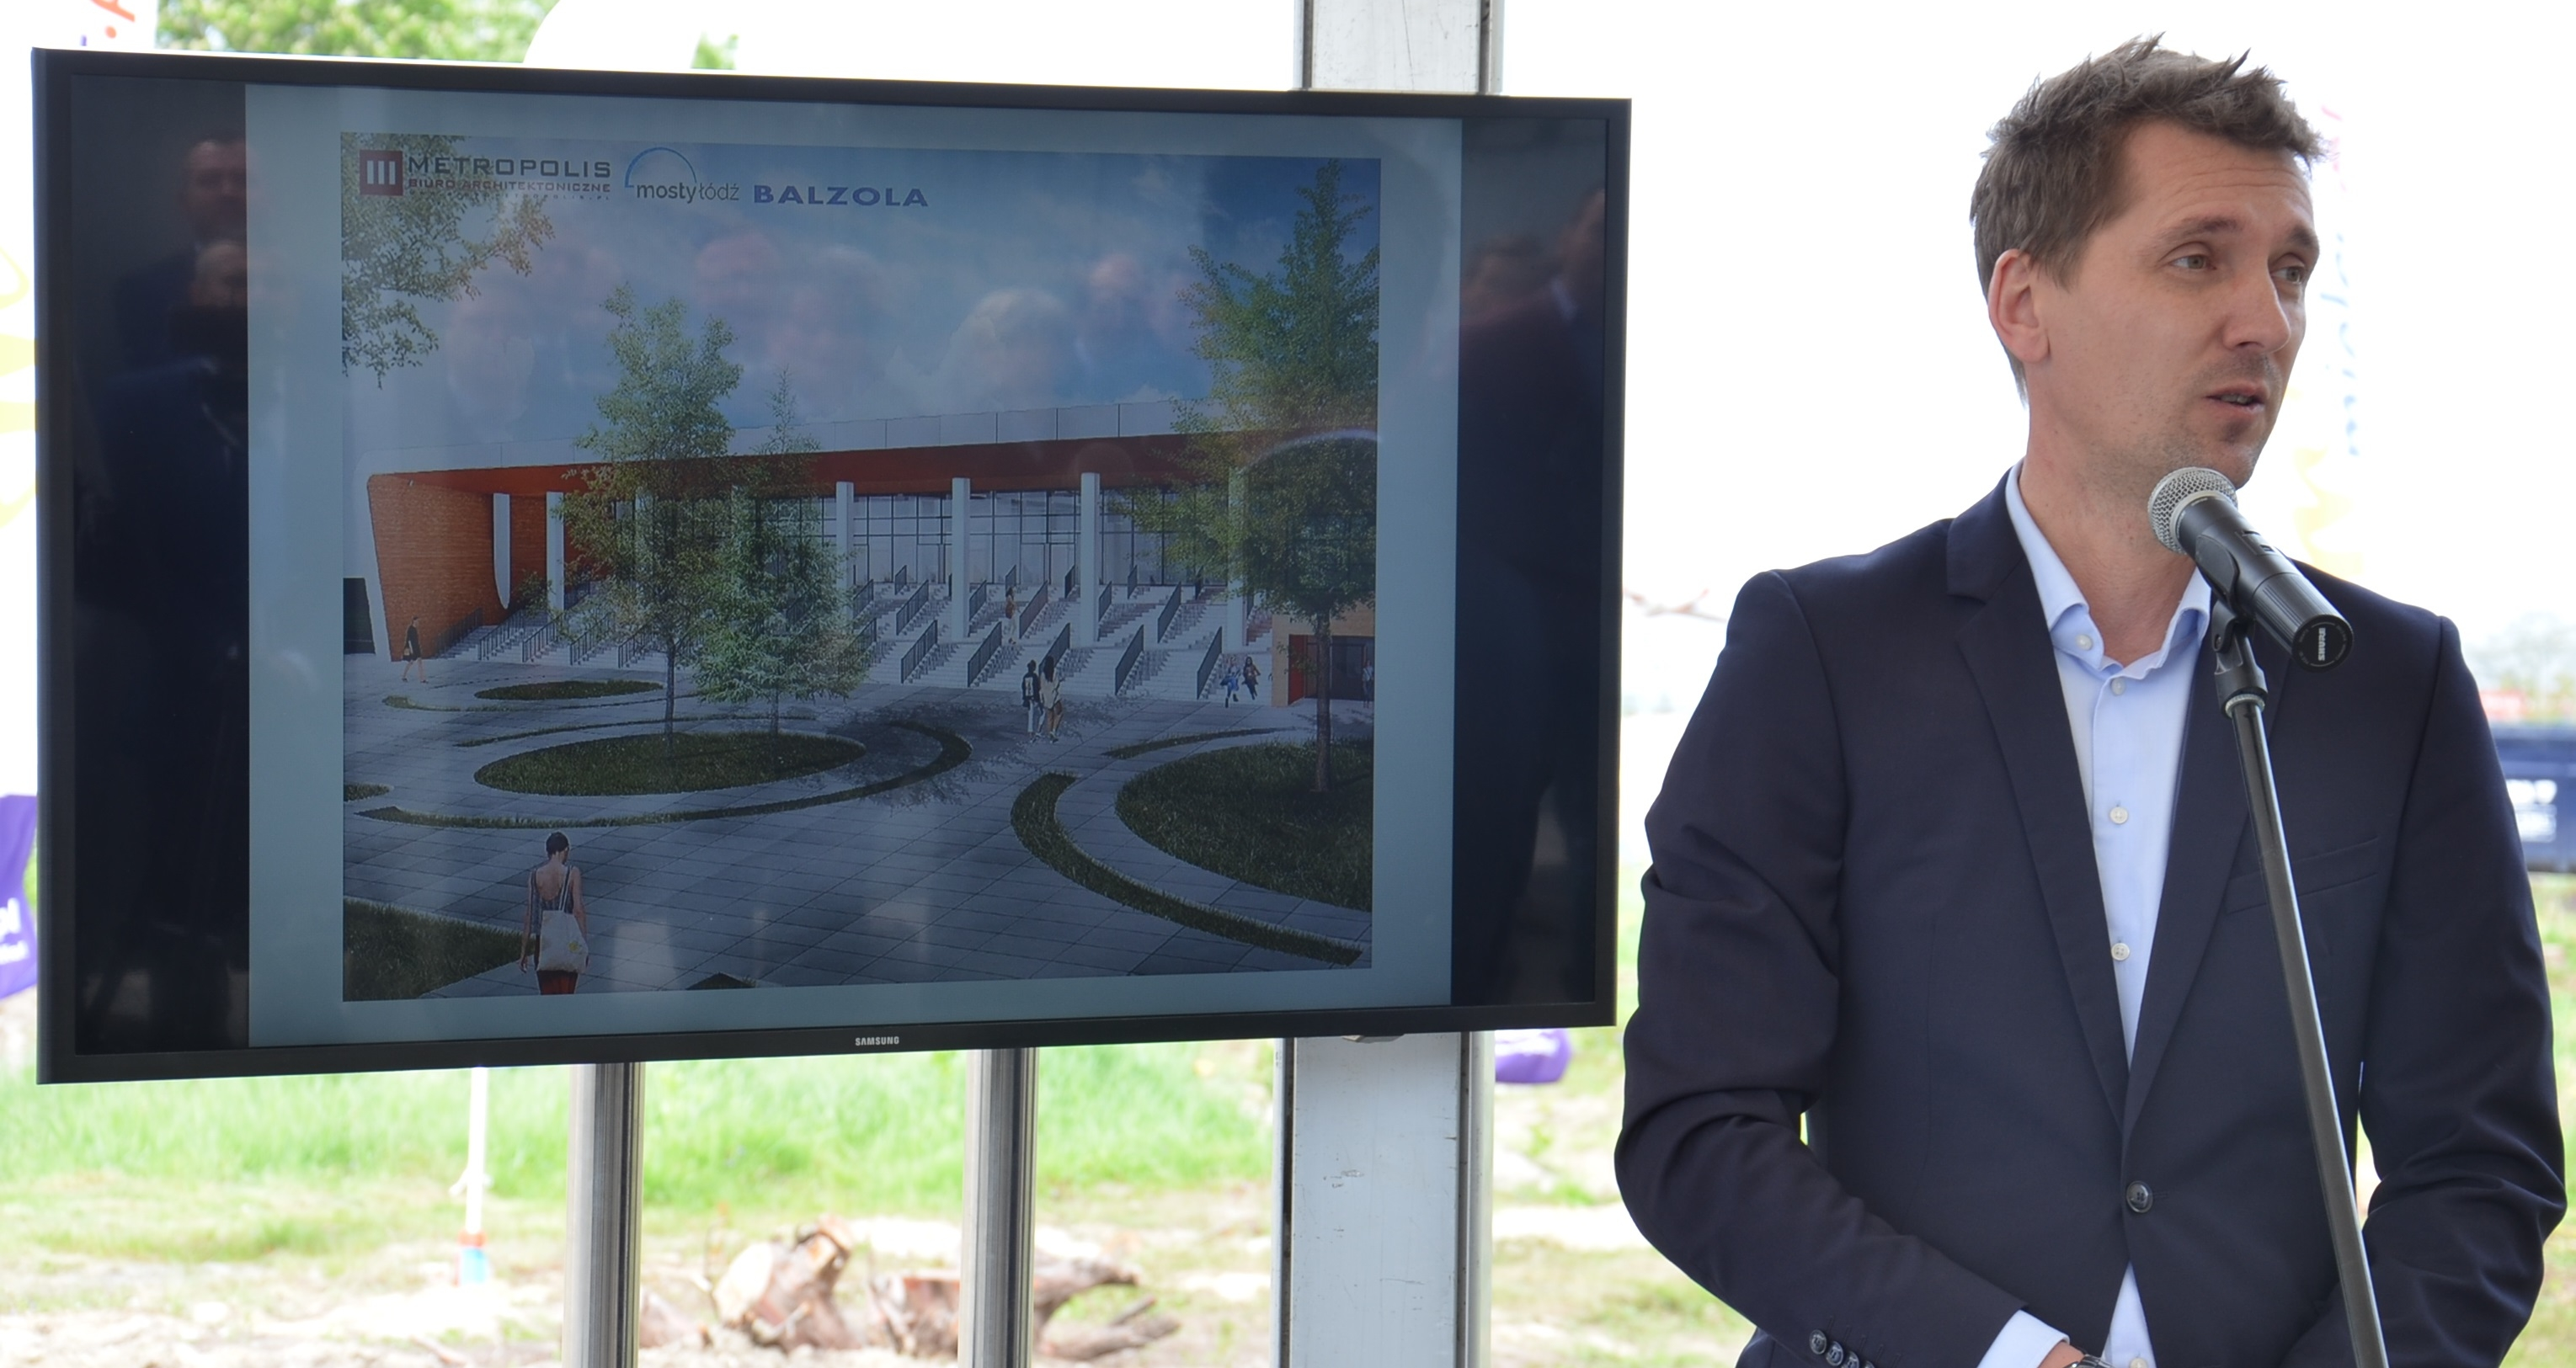 Jak będzie wyglądać nowa hala sportowa w Mielcu? Zobaczcie zdjęcia! - Zdjęcie główne